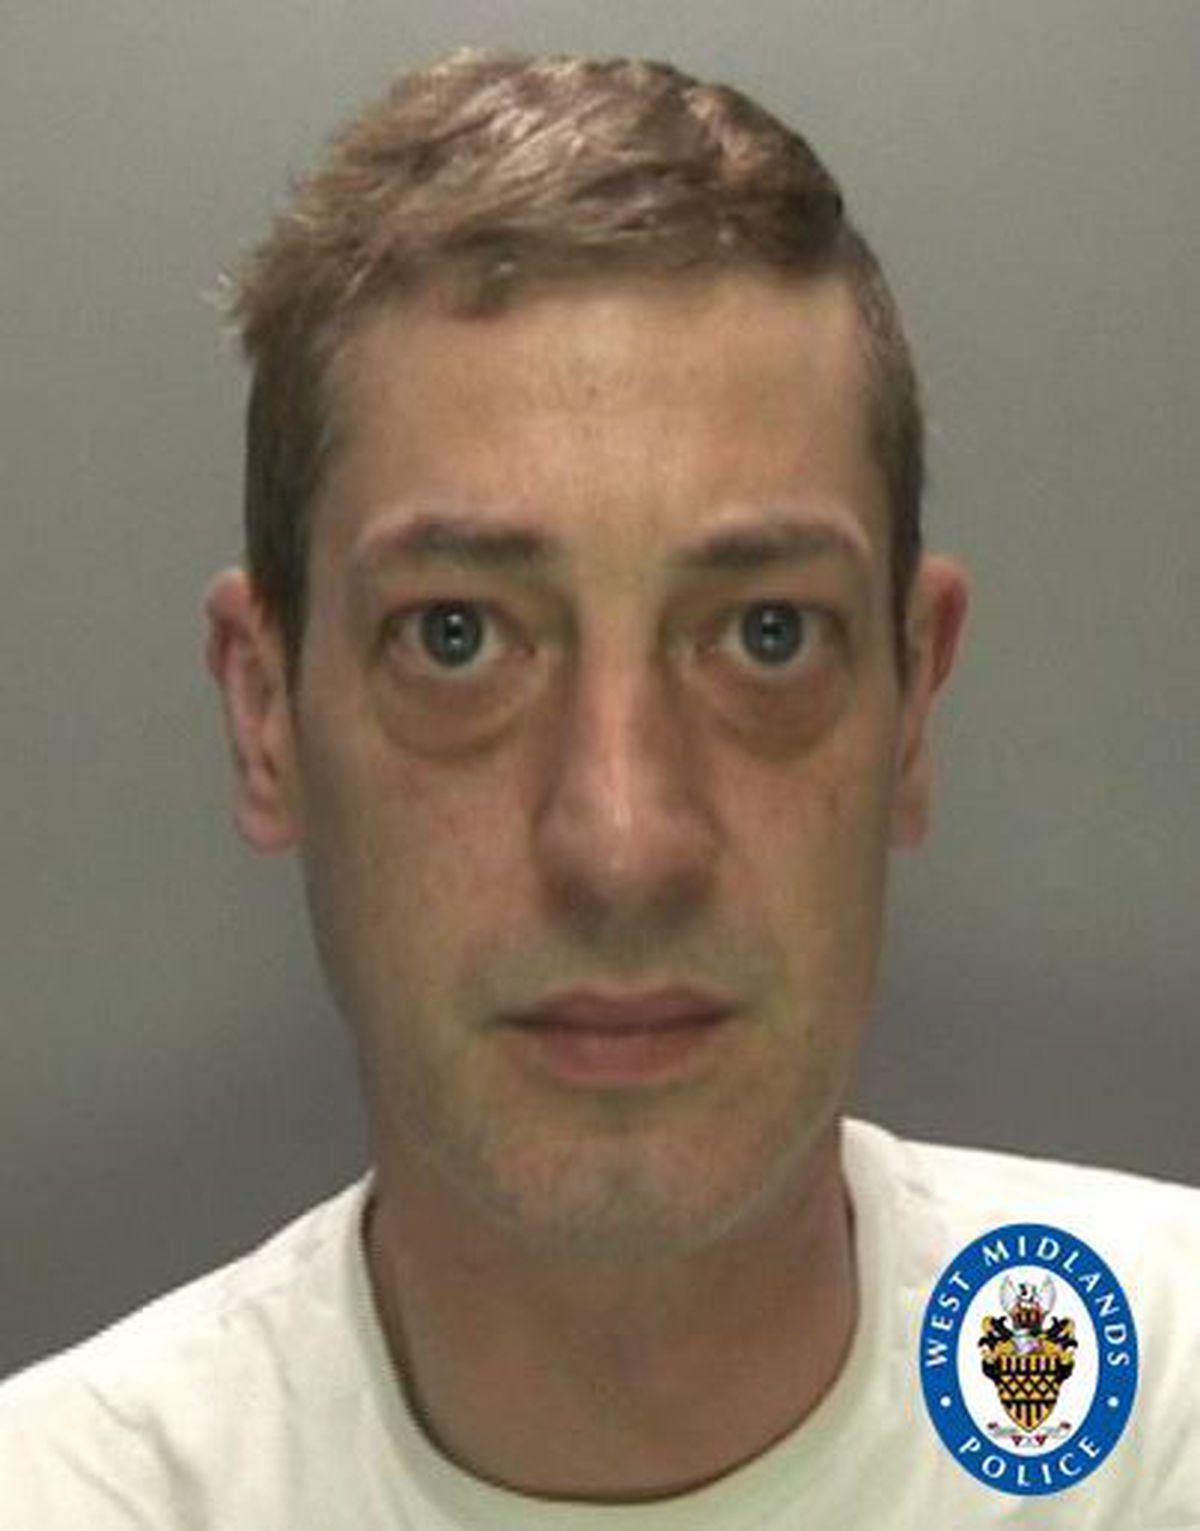 Pauyl Bardsley - jailed for nine years